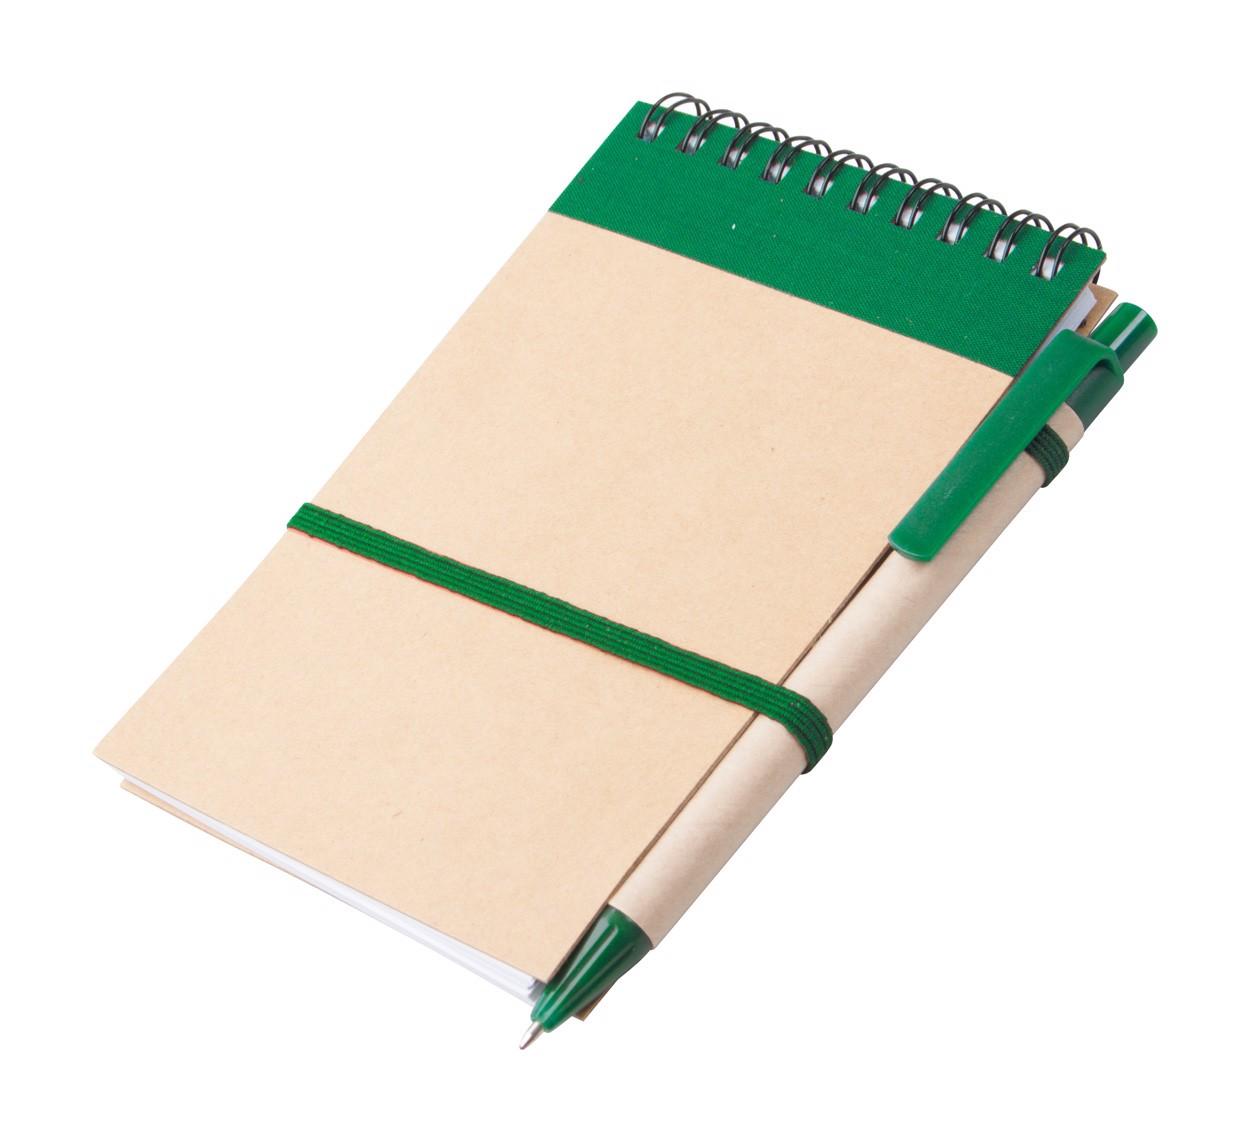 Blok Ecocard - Zelená / Přírodní